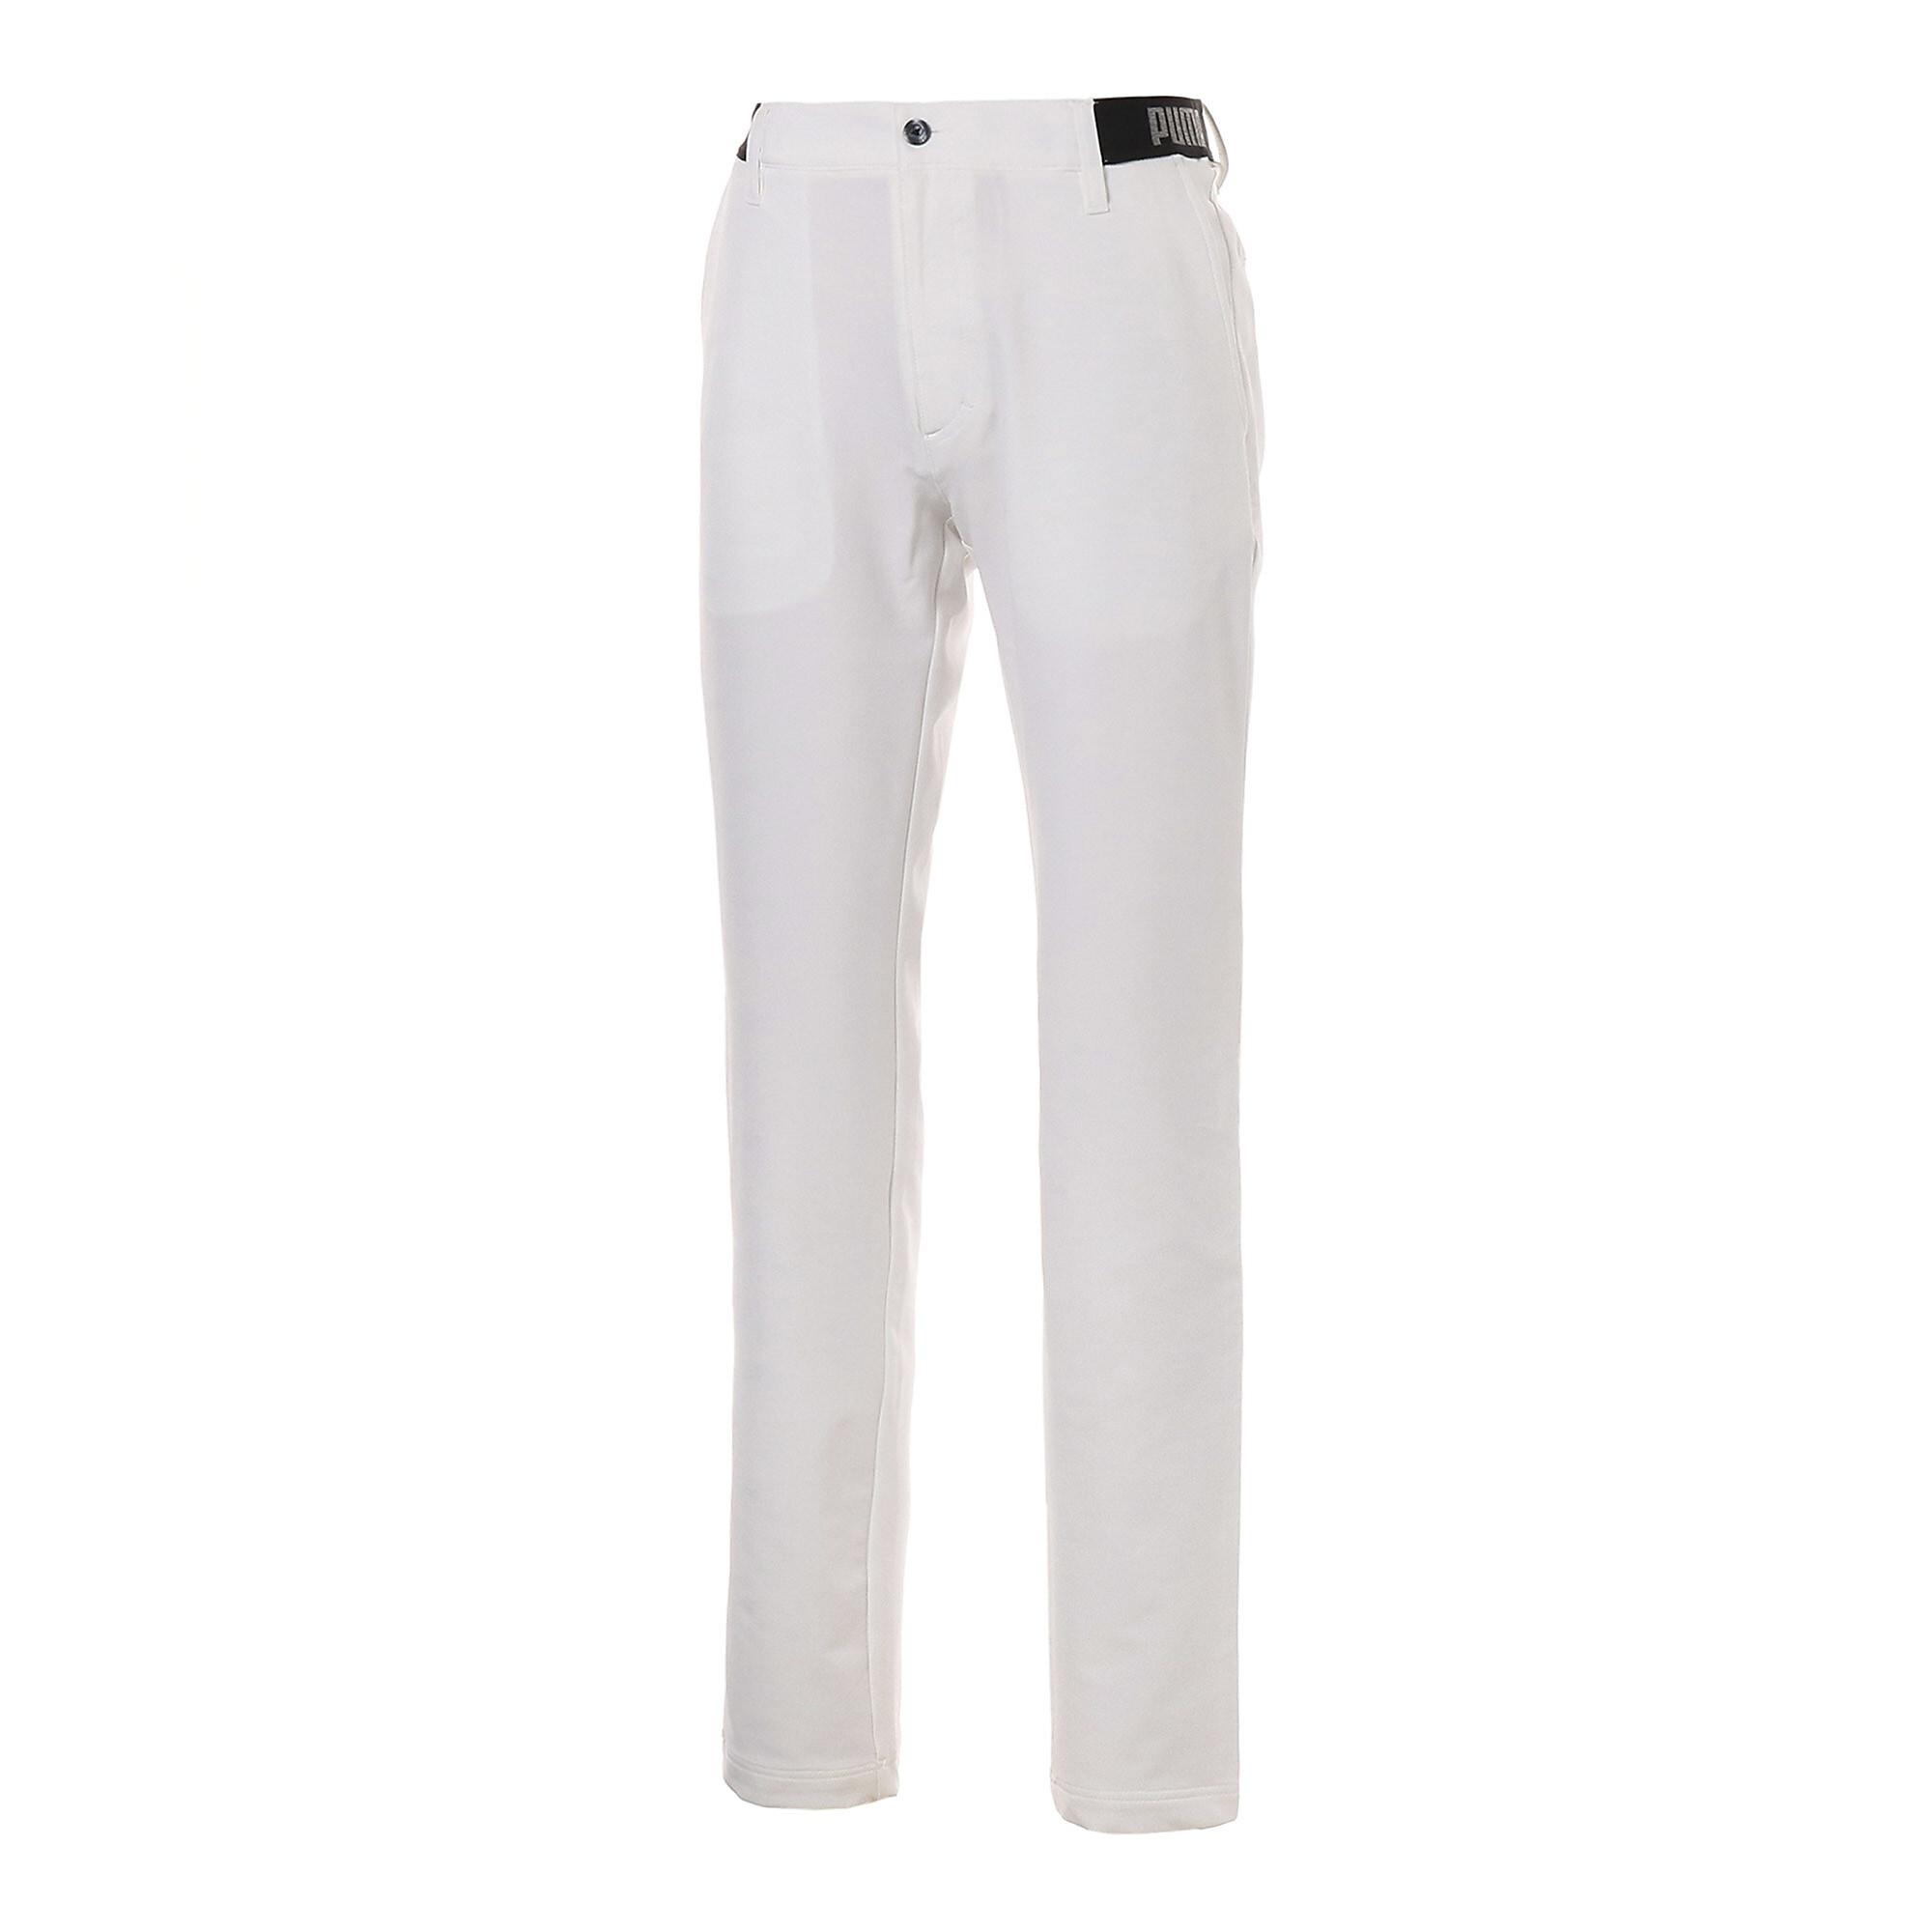 【プーマ公式通販】 プーマ ゴルフ スリム パンツ メンズ Bright White |PUMA.com